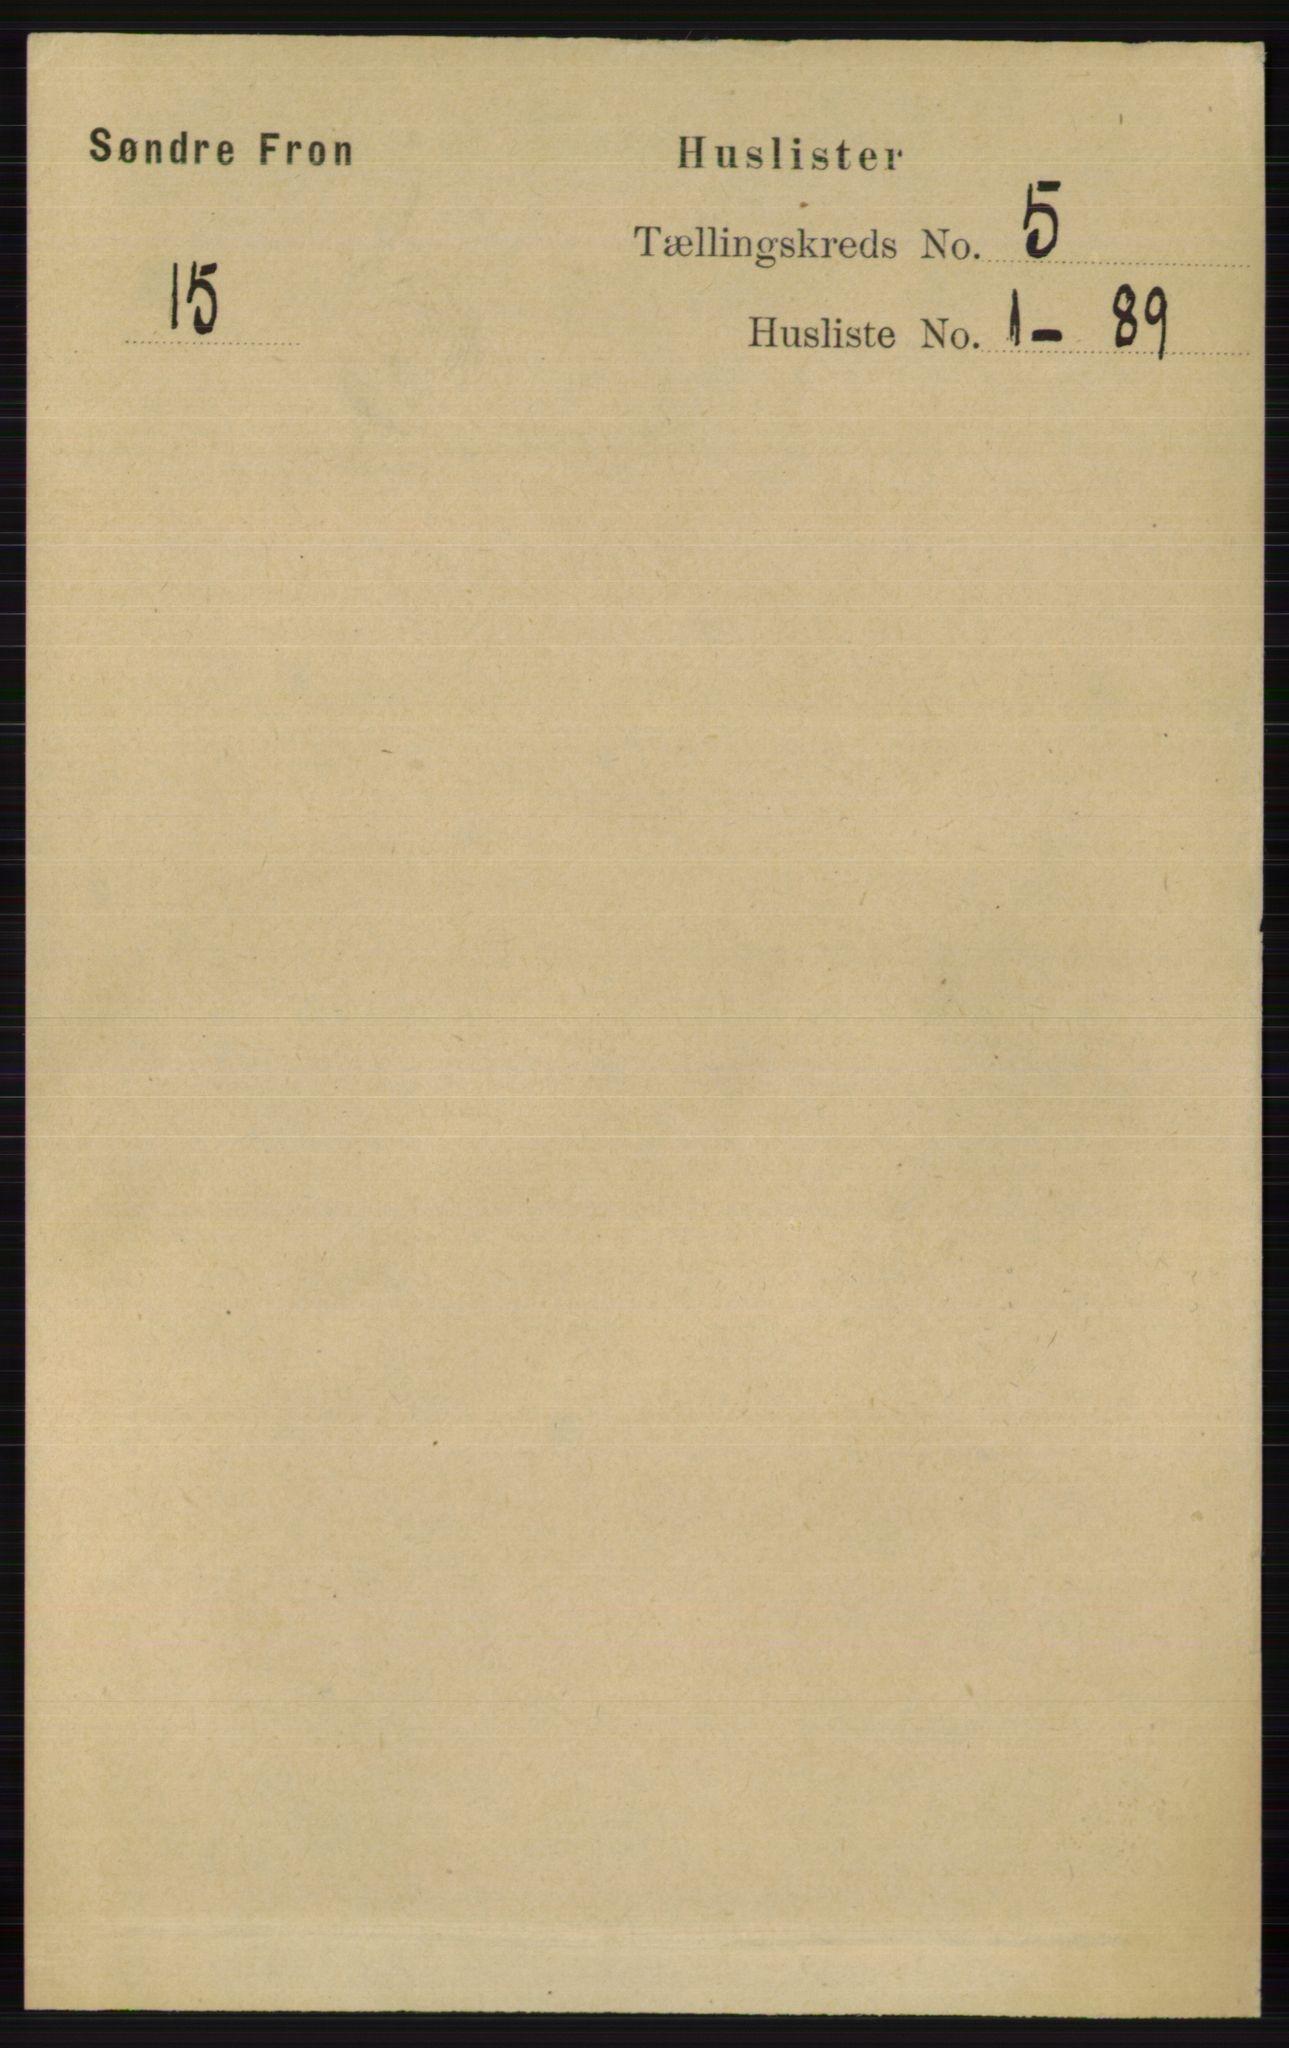 RA, Folketelling 1891 for 0519 Sør-Fron herred, 1891, s. 1954